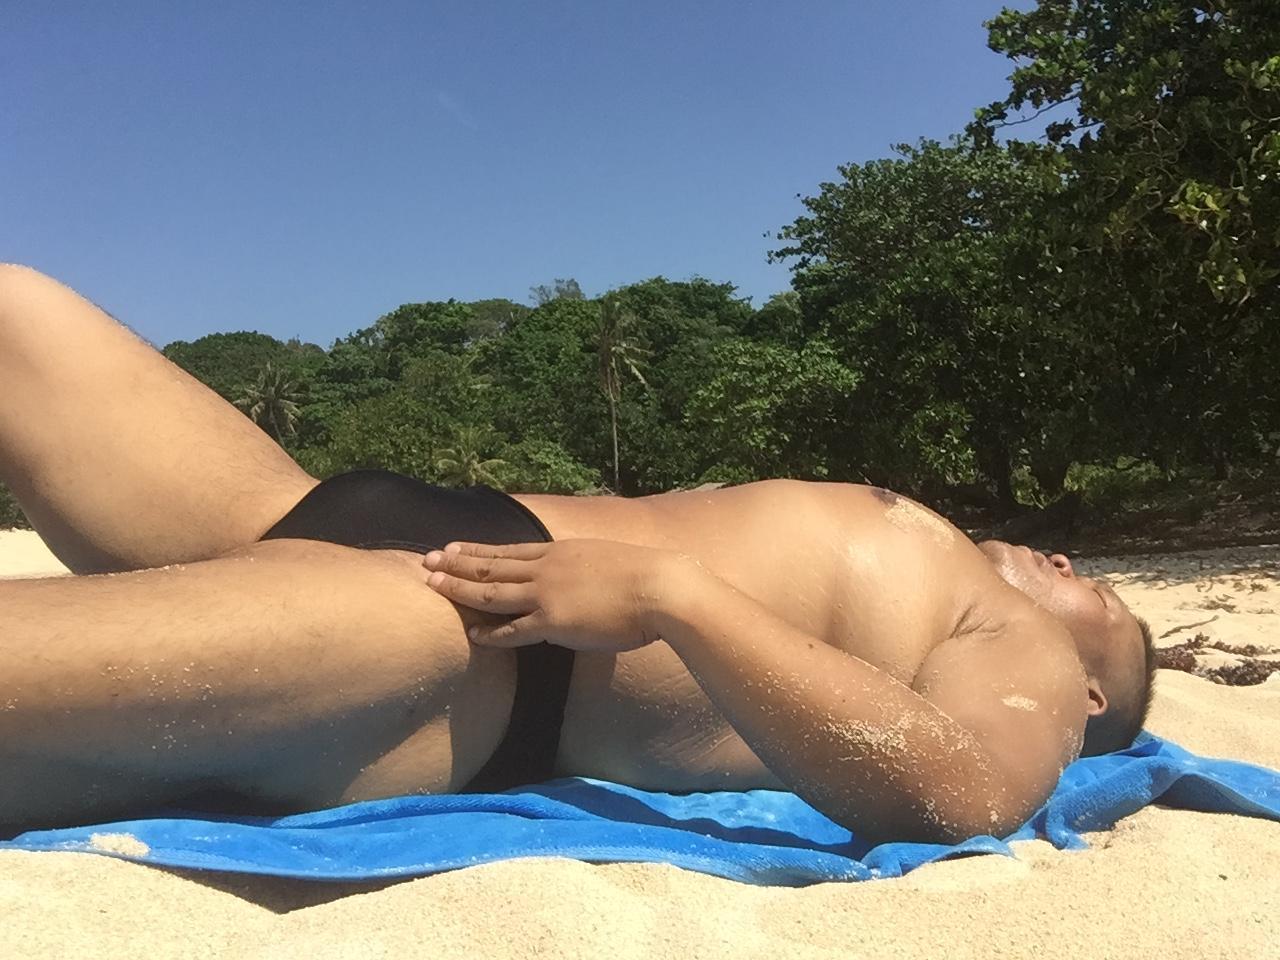 Bikini sun bather (31/218)